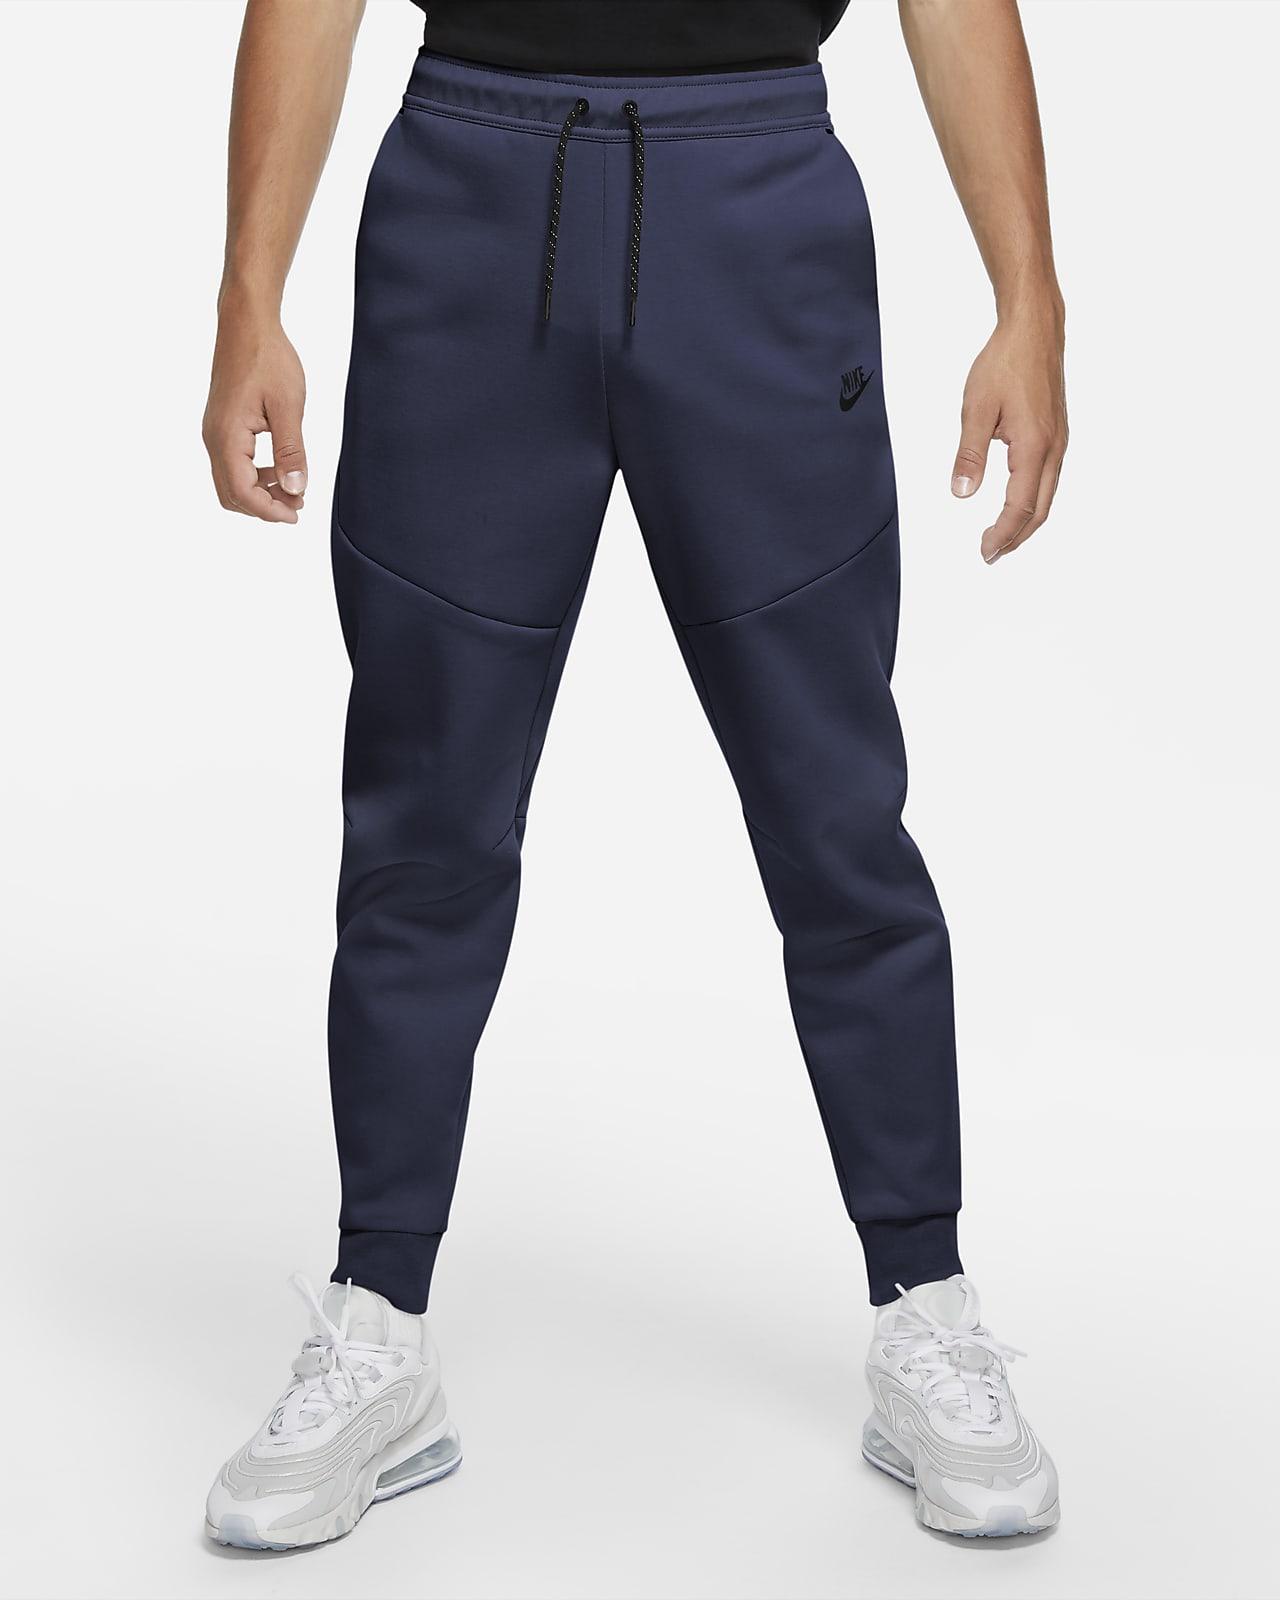 liberal Norma Acorazado  Pantalones deportivos para hombre Nike Sportswear Tech Fleece. Nike CL